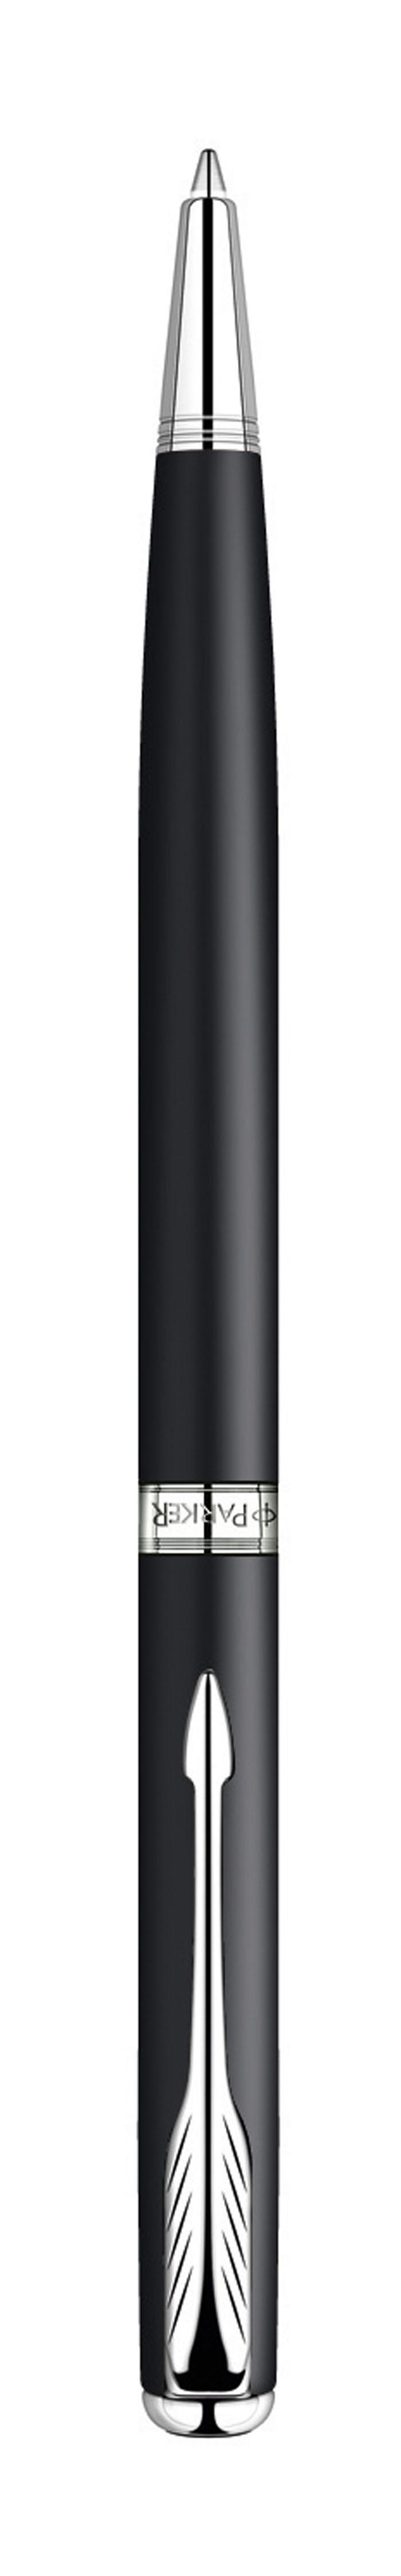 Ручка шариковая Sonnet SLIM Matte Black CT. PARKER-S0818170PARKER-S0818170Шариковая ручка с тонким корпусом Паркер Соннет Матт Блэк Си Ти. Инструмент для письма, линия письма - средняя, цвет чернил черный, в подарочной упаковке. Произведено во Франции.